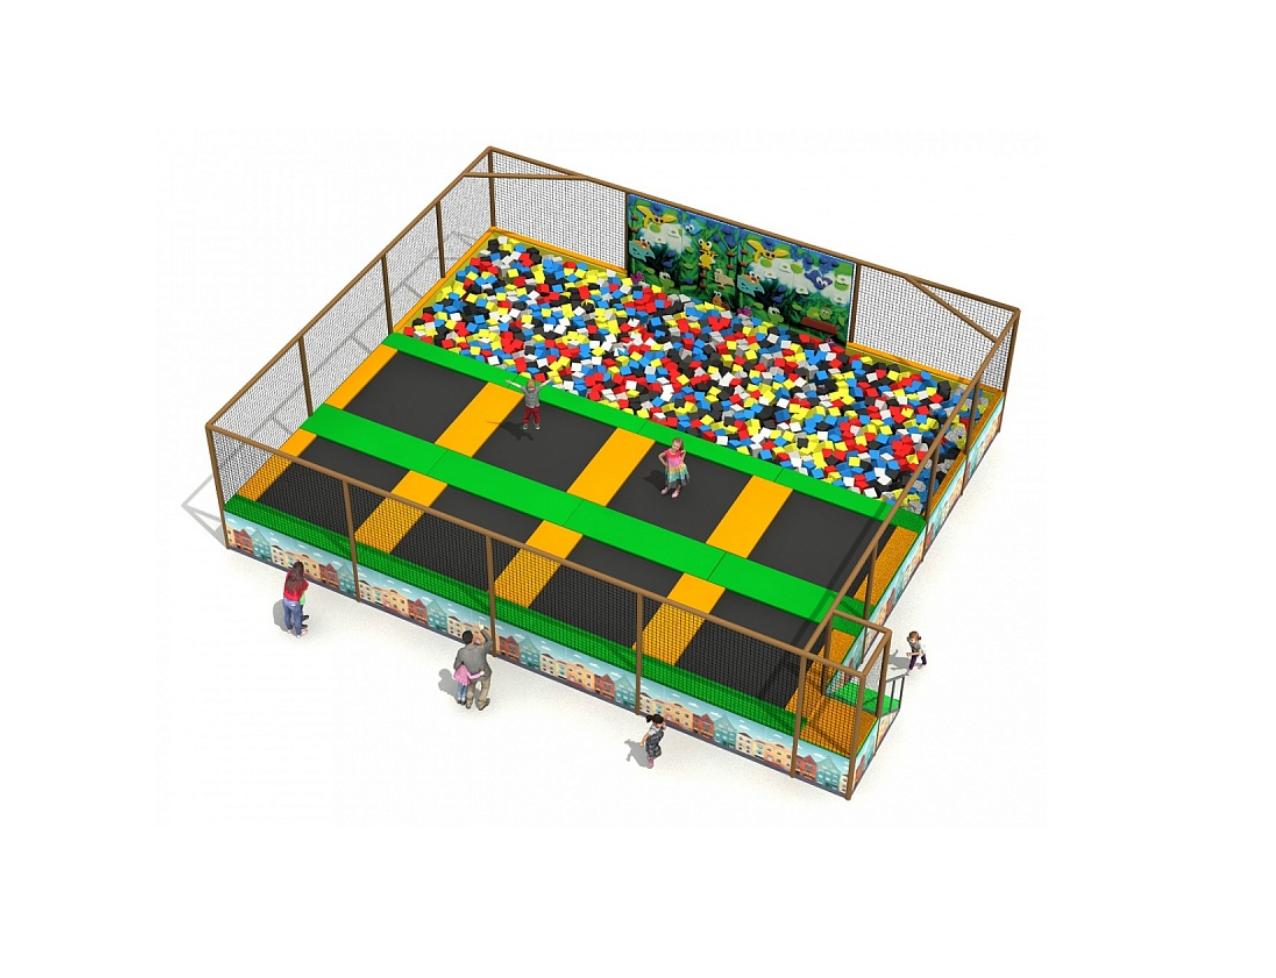 Прыжковый комплекс батут 8 секций с поролоновой ямой